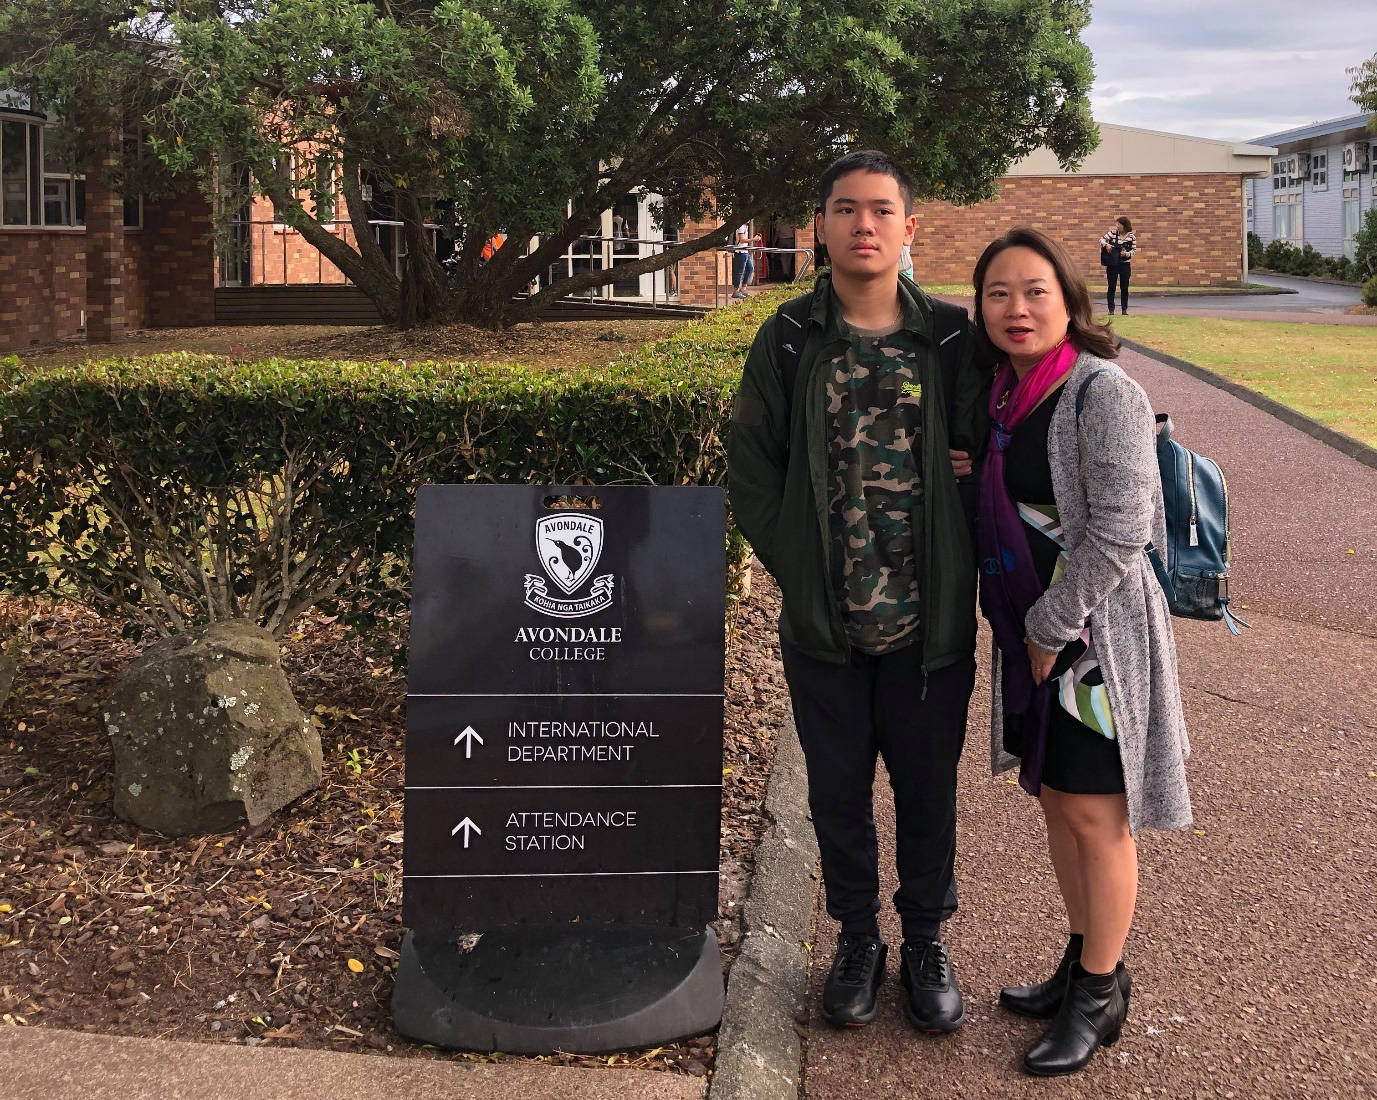 Đồng hành cùng con chinh phục học bổng Chính phủ New Zealand - Ảnh 3.